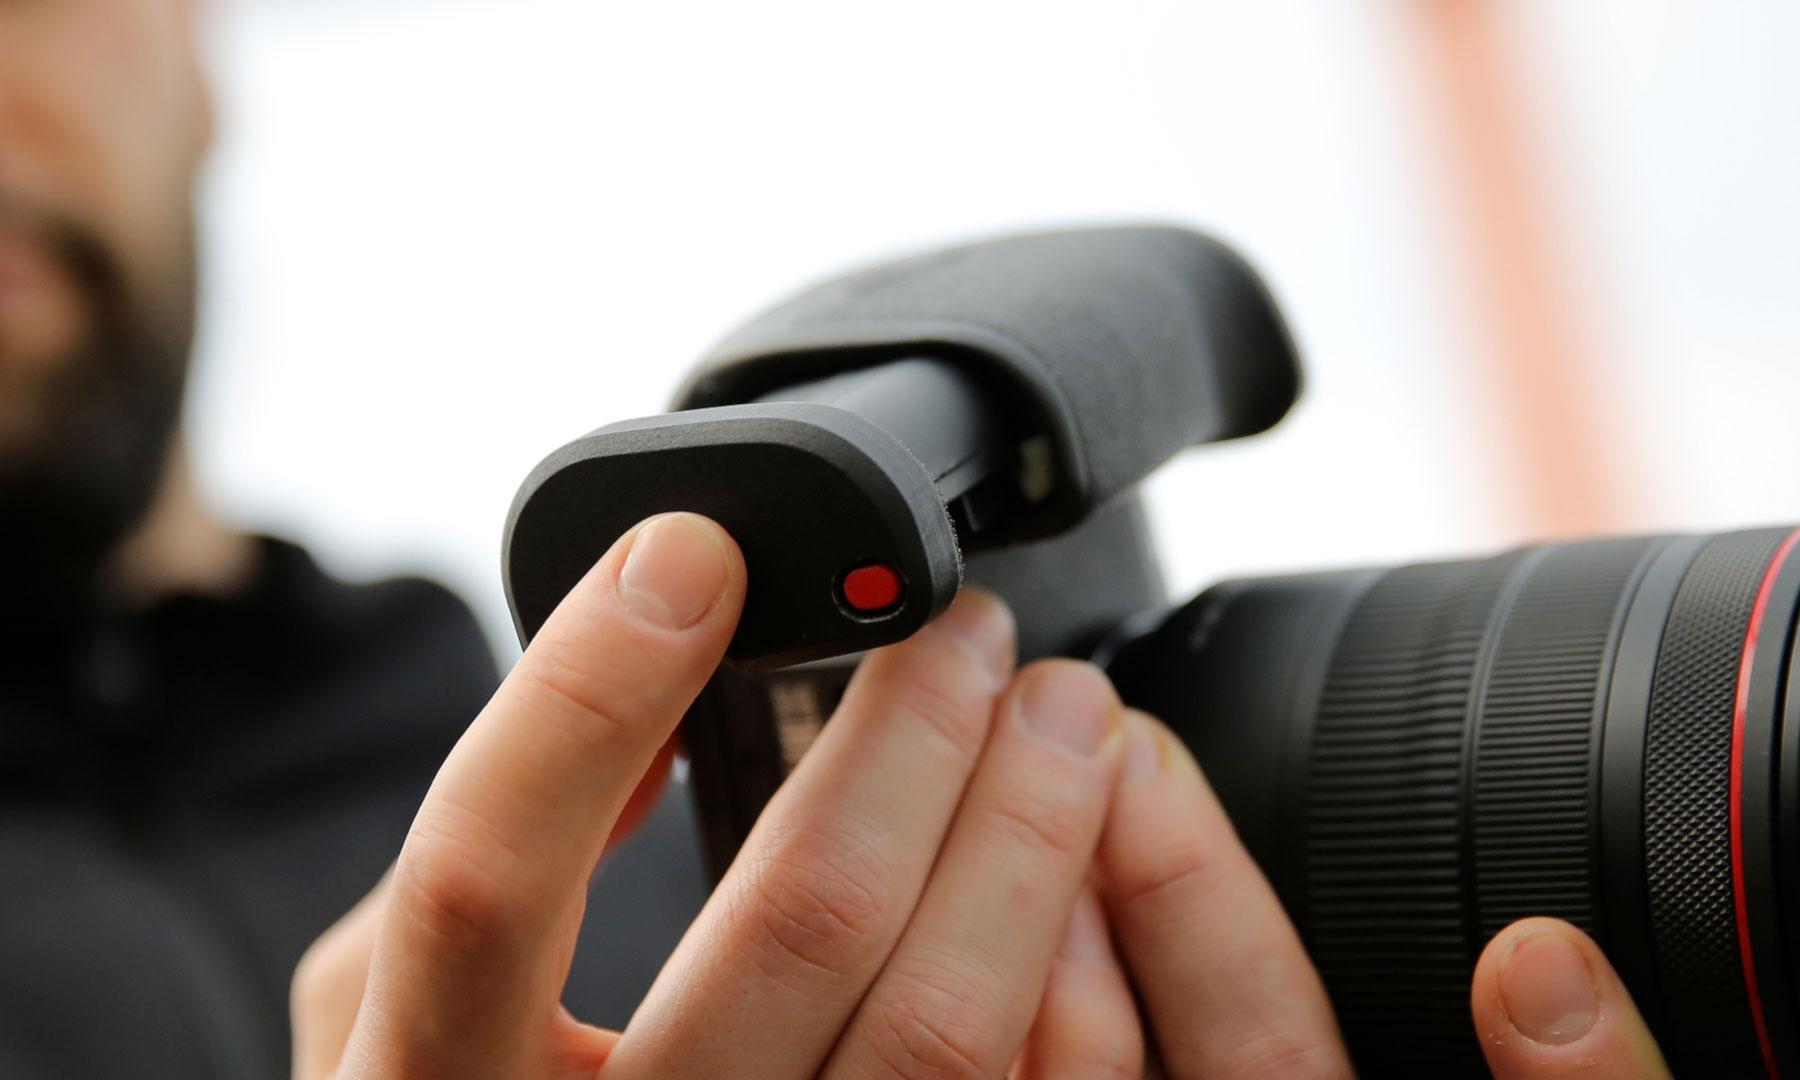 X-TRA : une batterie 2 x plus puissante pour votre boîtier Photo   Lense